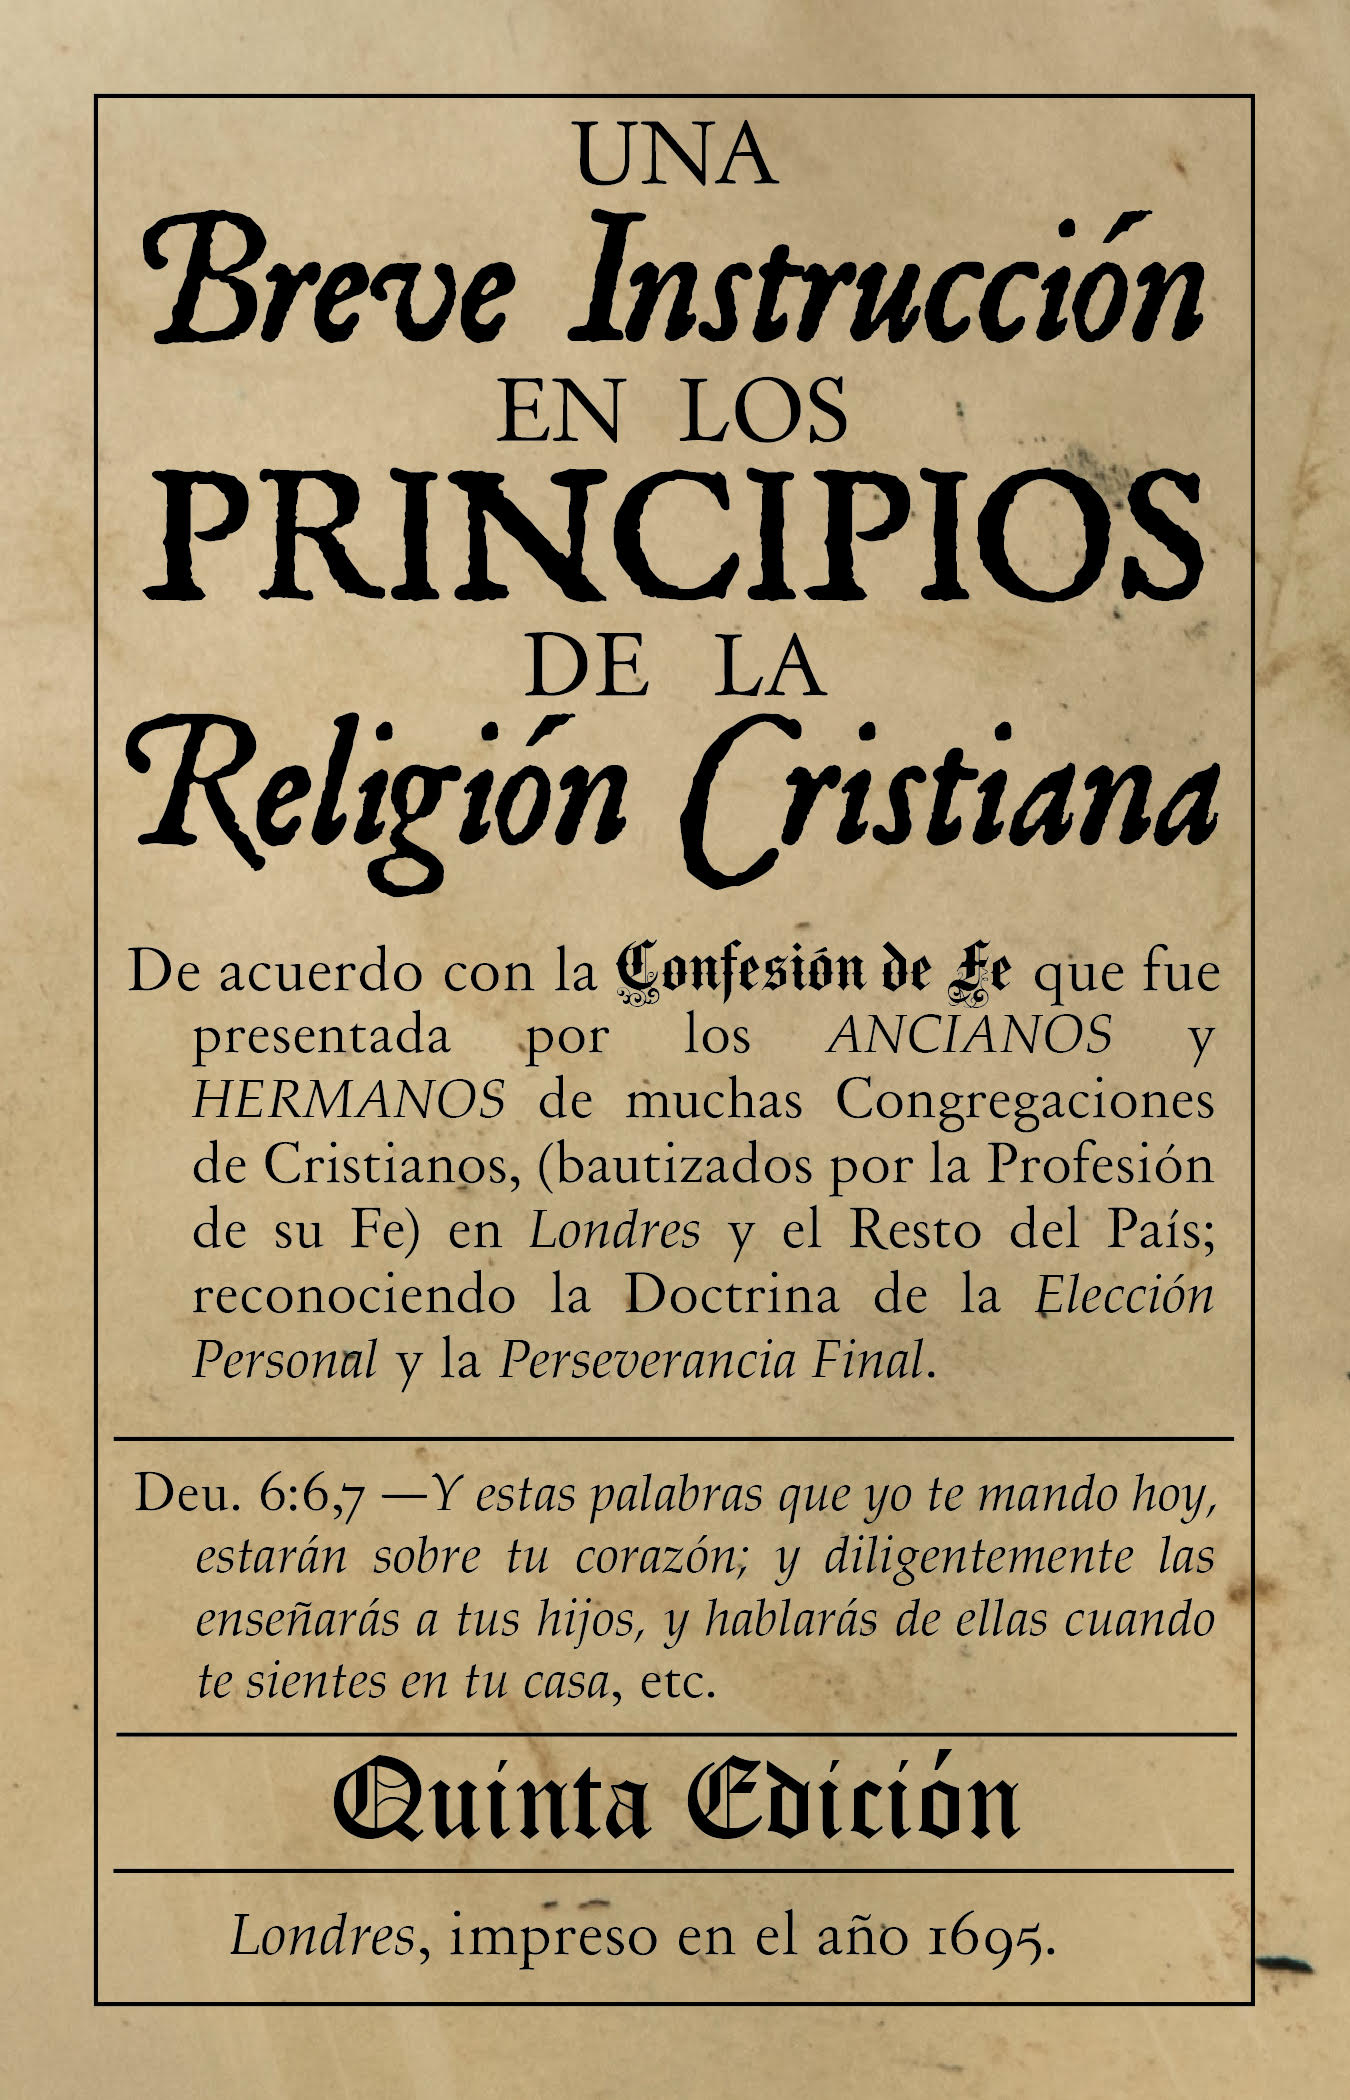 El Catecismo Bautista Legado Bautista Confesional